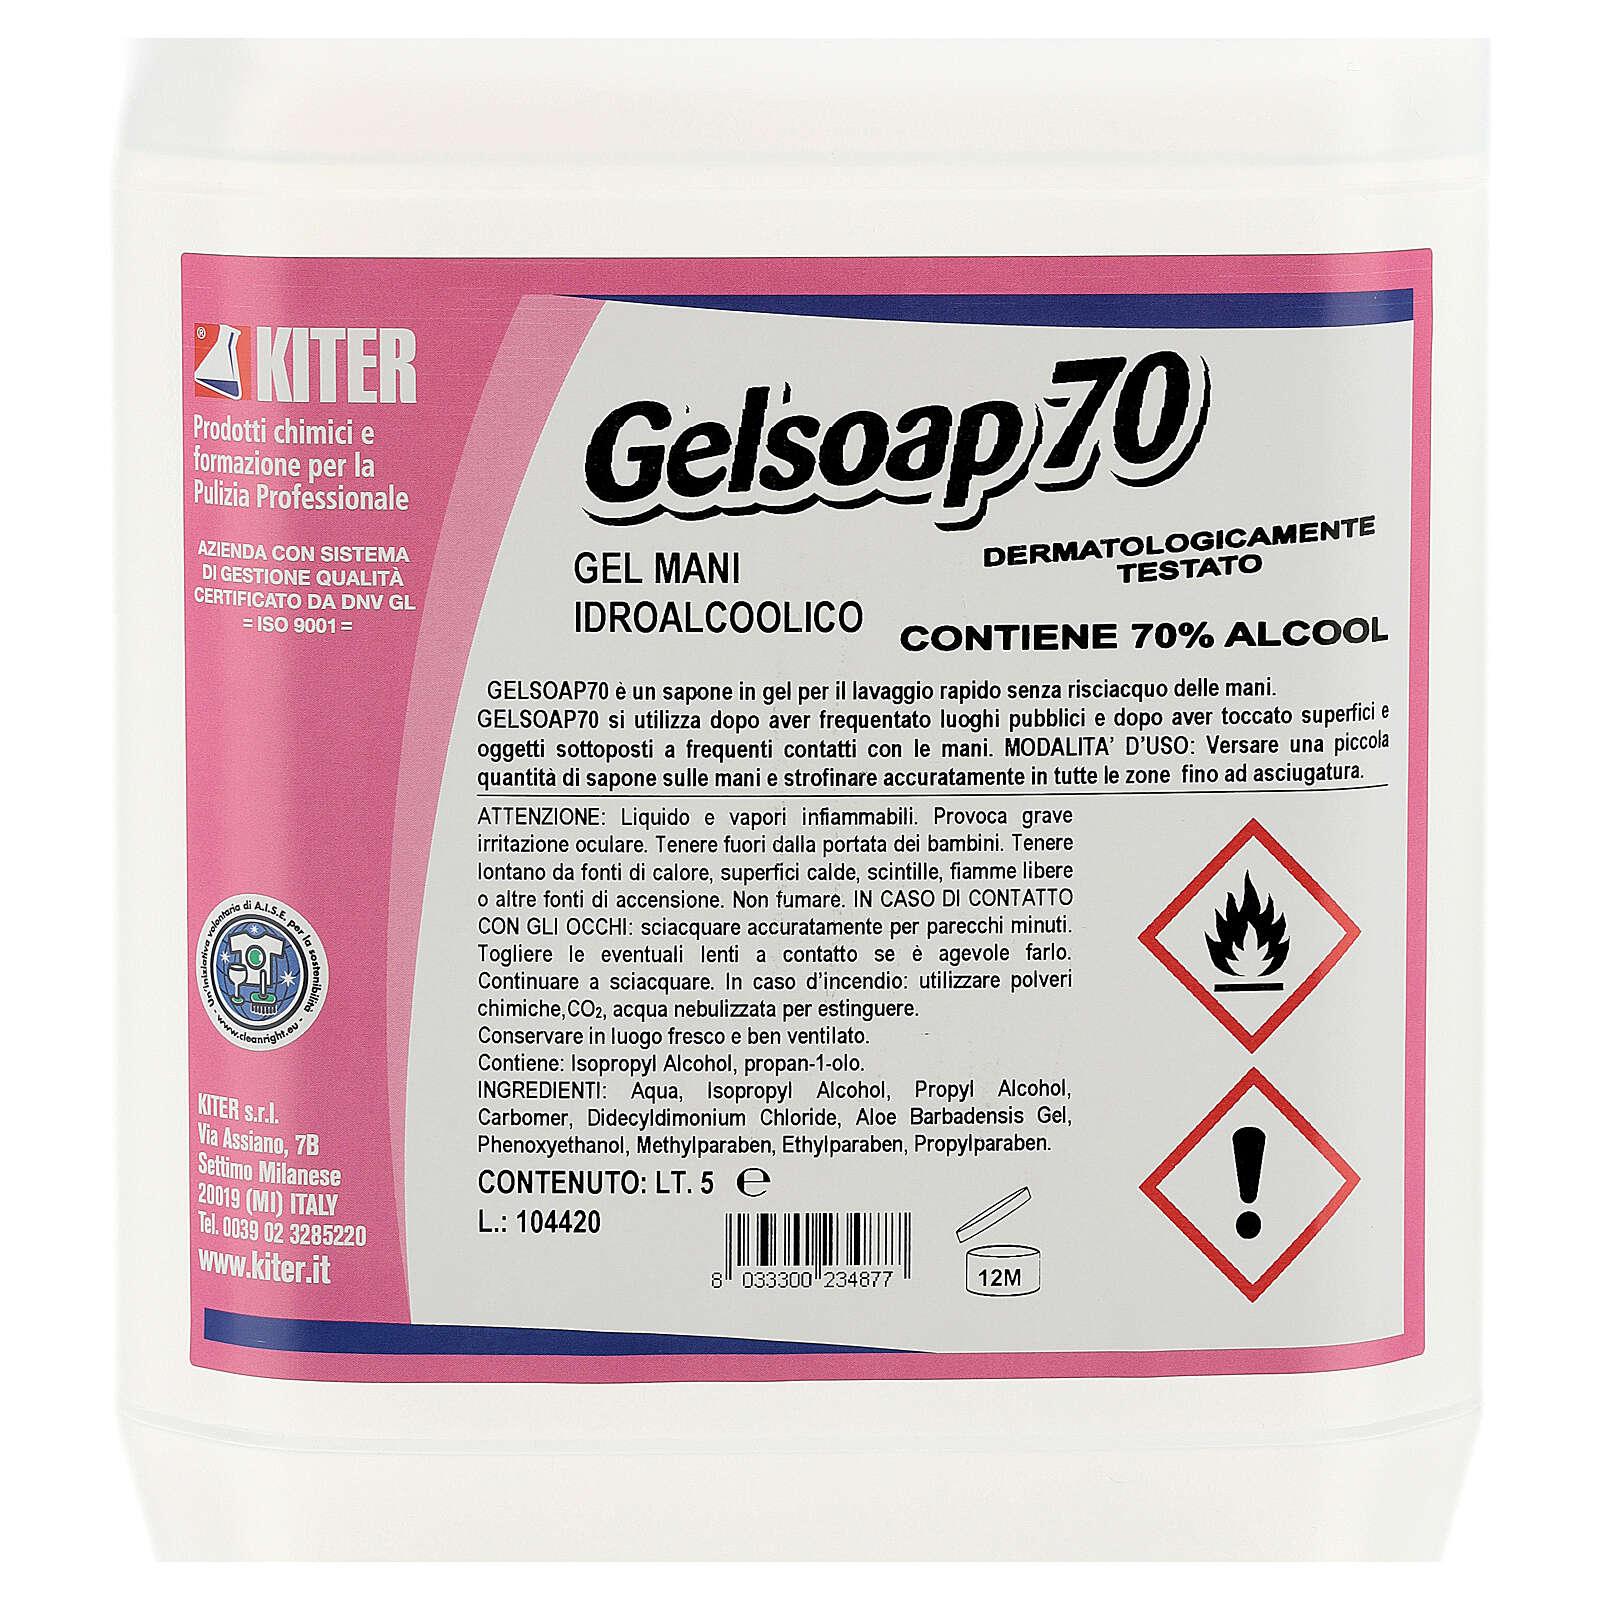 Händedesinfektionsmittel Gelsoap70, 5 Liter, Refill 3